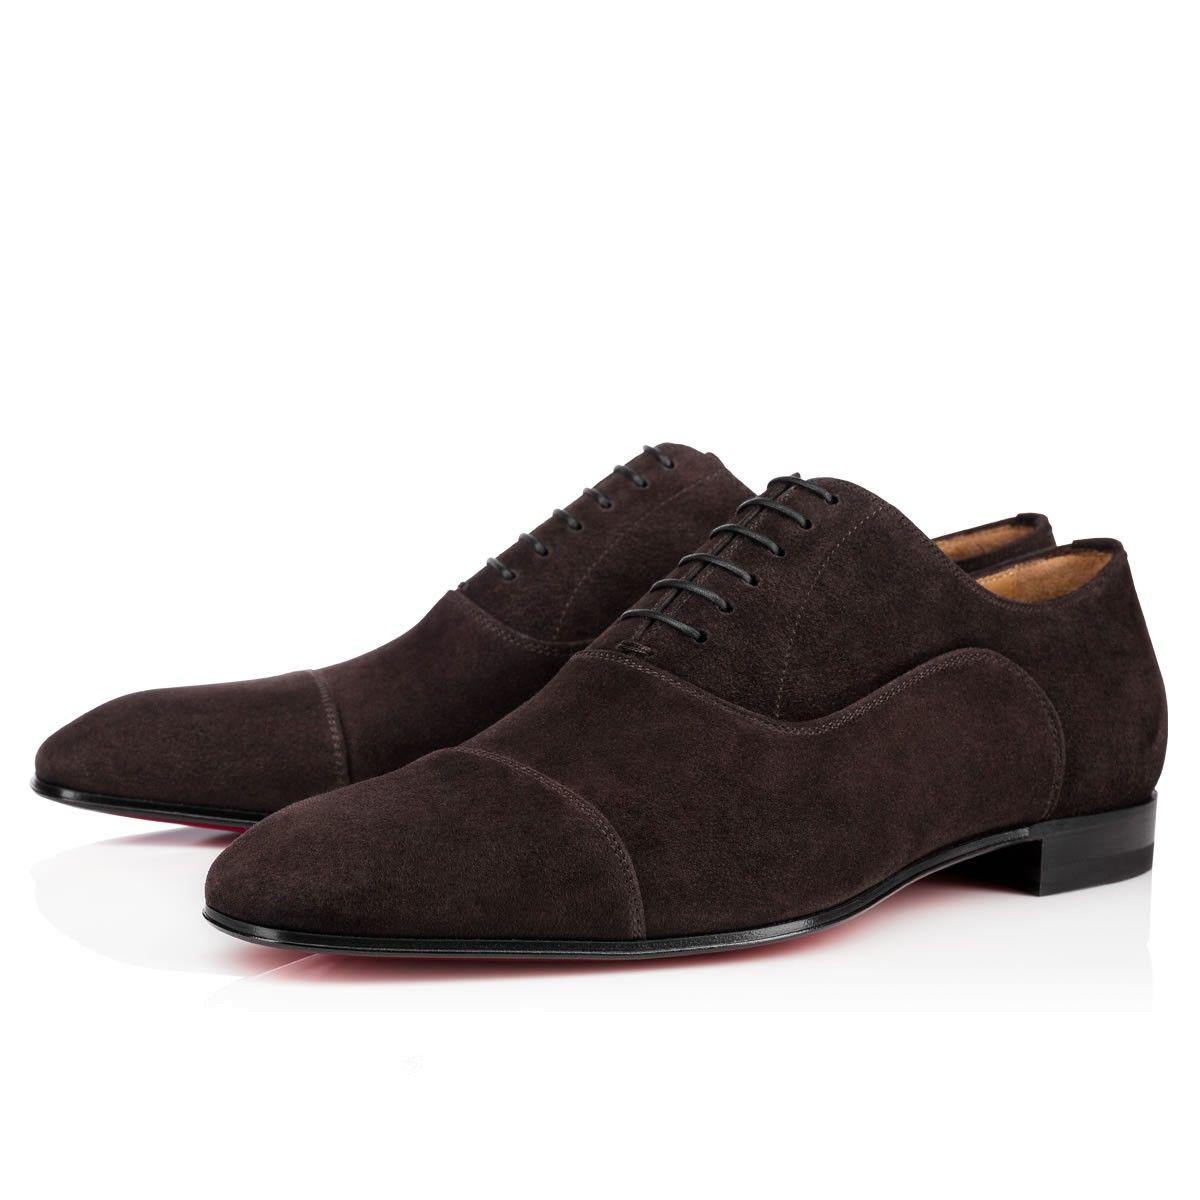 Sıcak Satış-ss Greggo Orlato Düz, Moda Kırmızı Alt Oxfords Ayakkabı, Açık Erkekler Rasgele Yürüyüş Ayakkabı